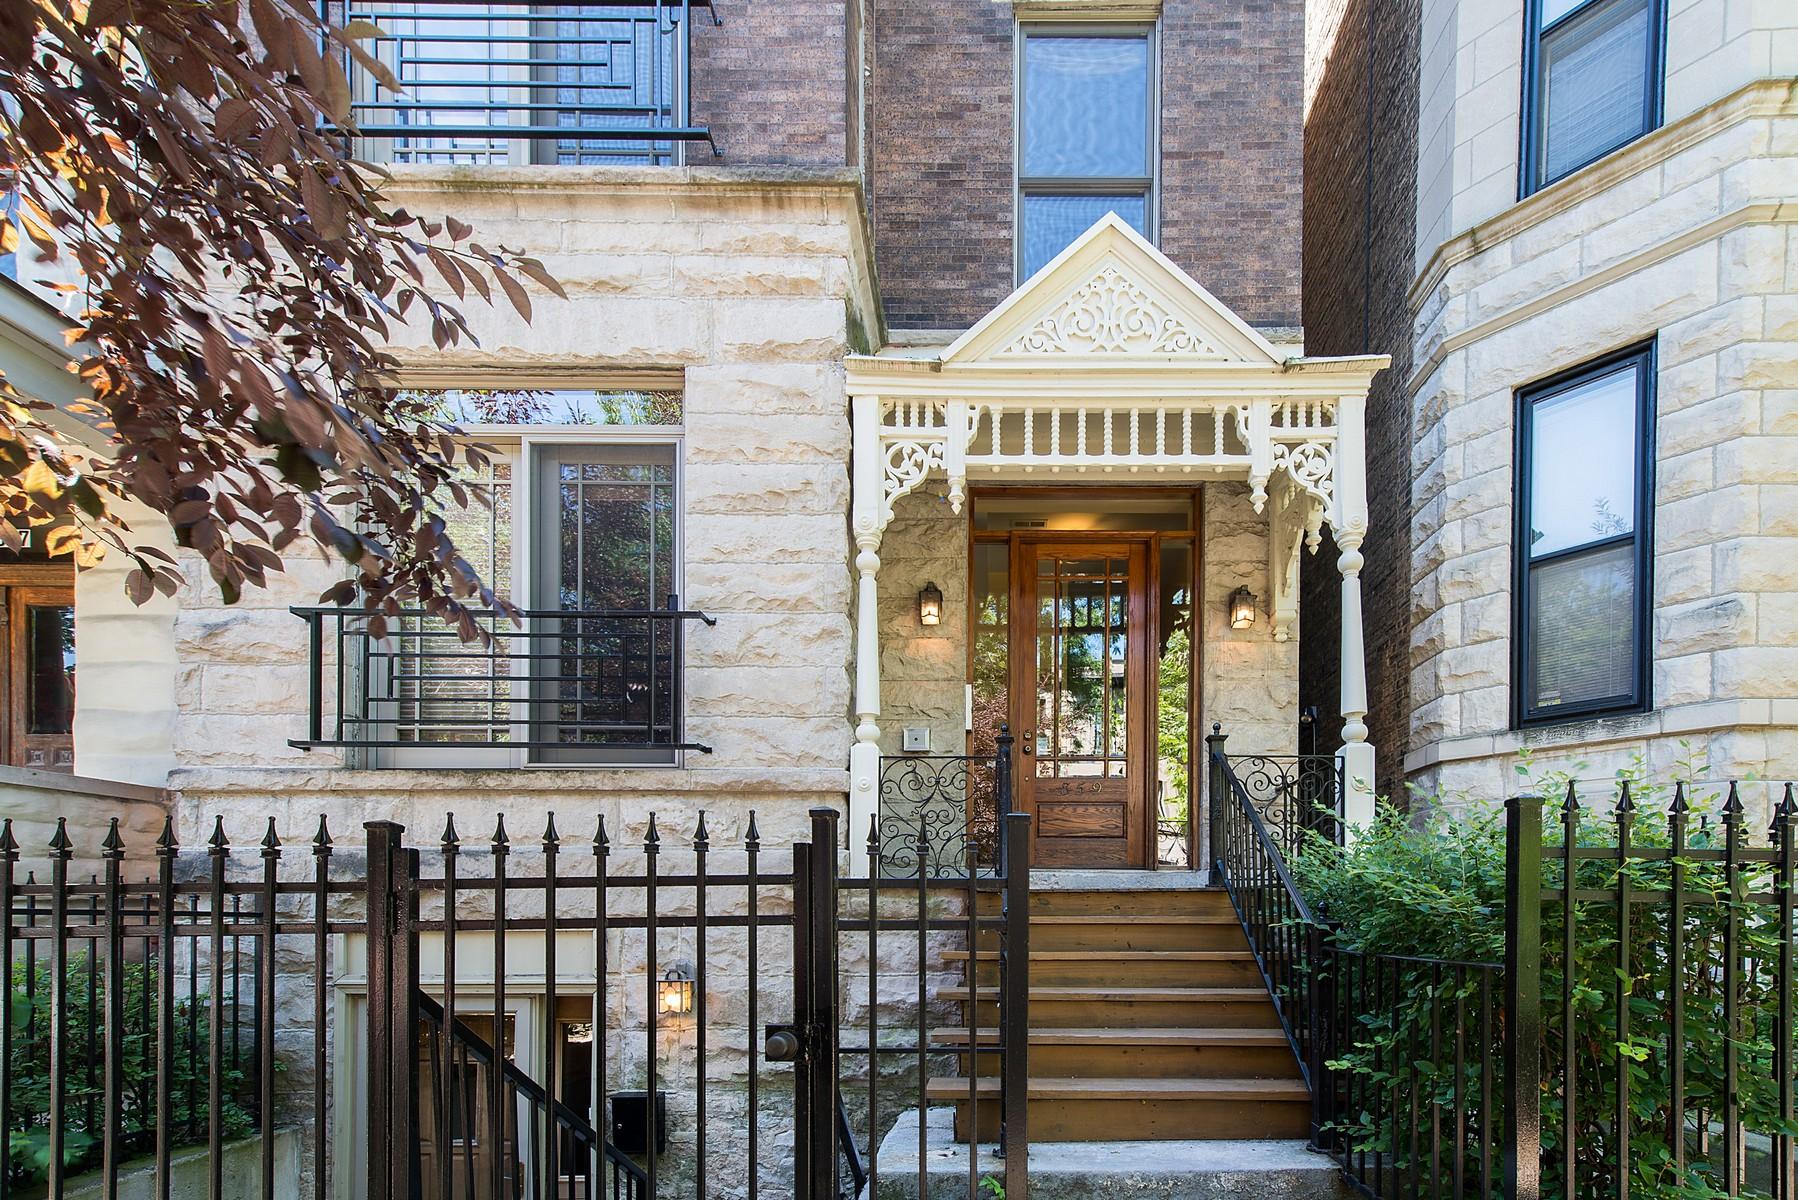 단독 가정 주택 용 매매 에 Penthouse Home with Soaring Ceilings 859 W Newport Avenue Unit 3 Lakeview, Chicago, 일리노이즈, 60657 미국